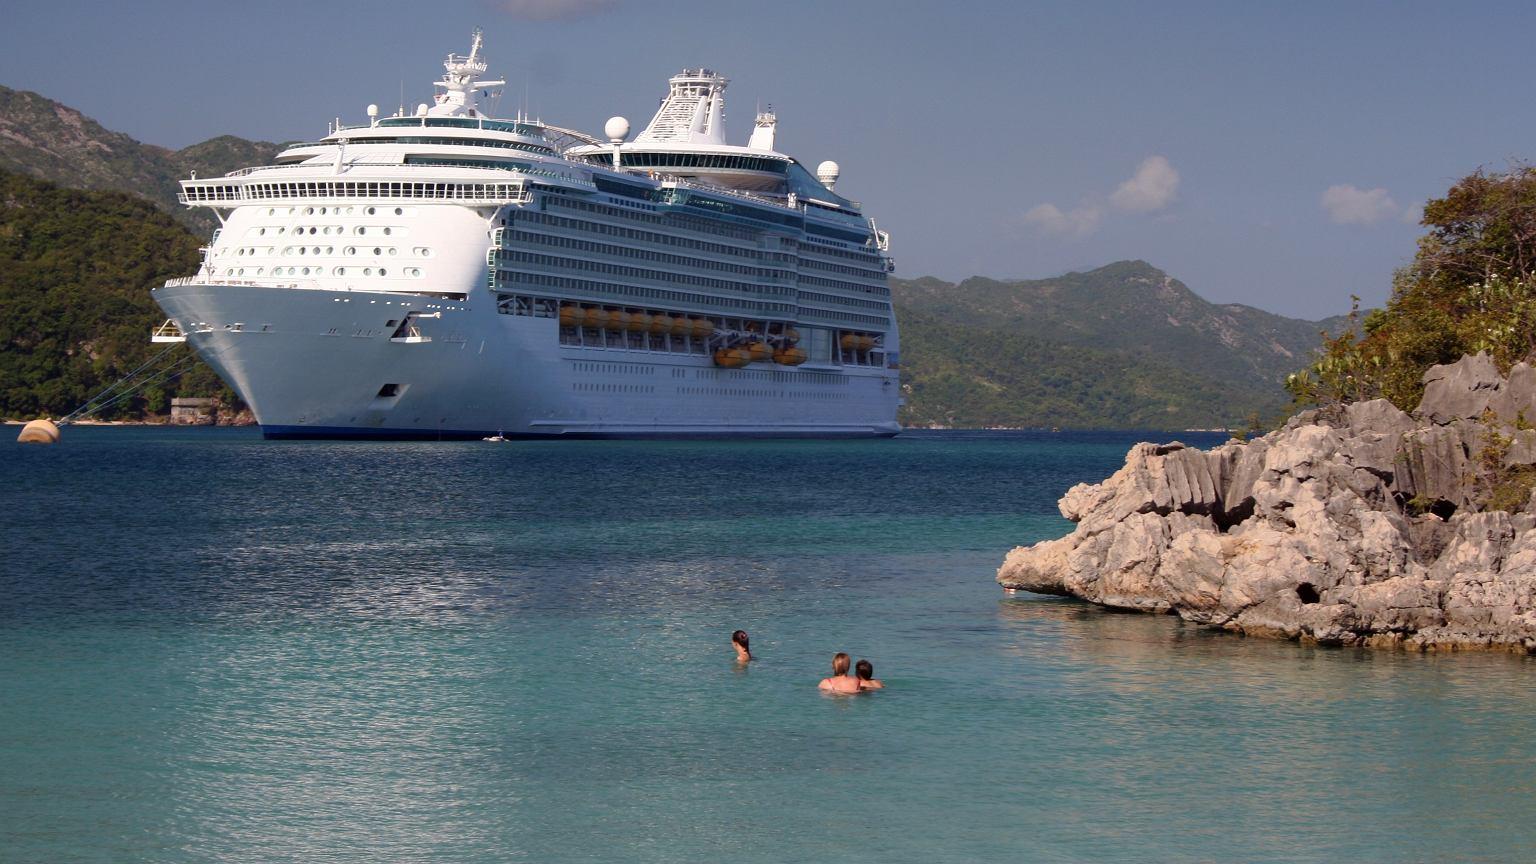 Statki pasażerskie zwykle oferują dwa rodzaje rejsów